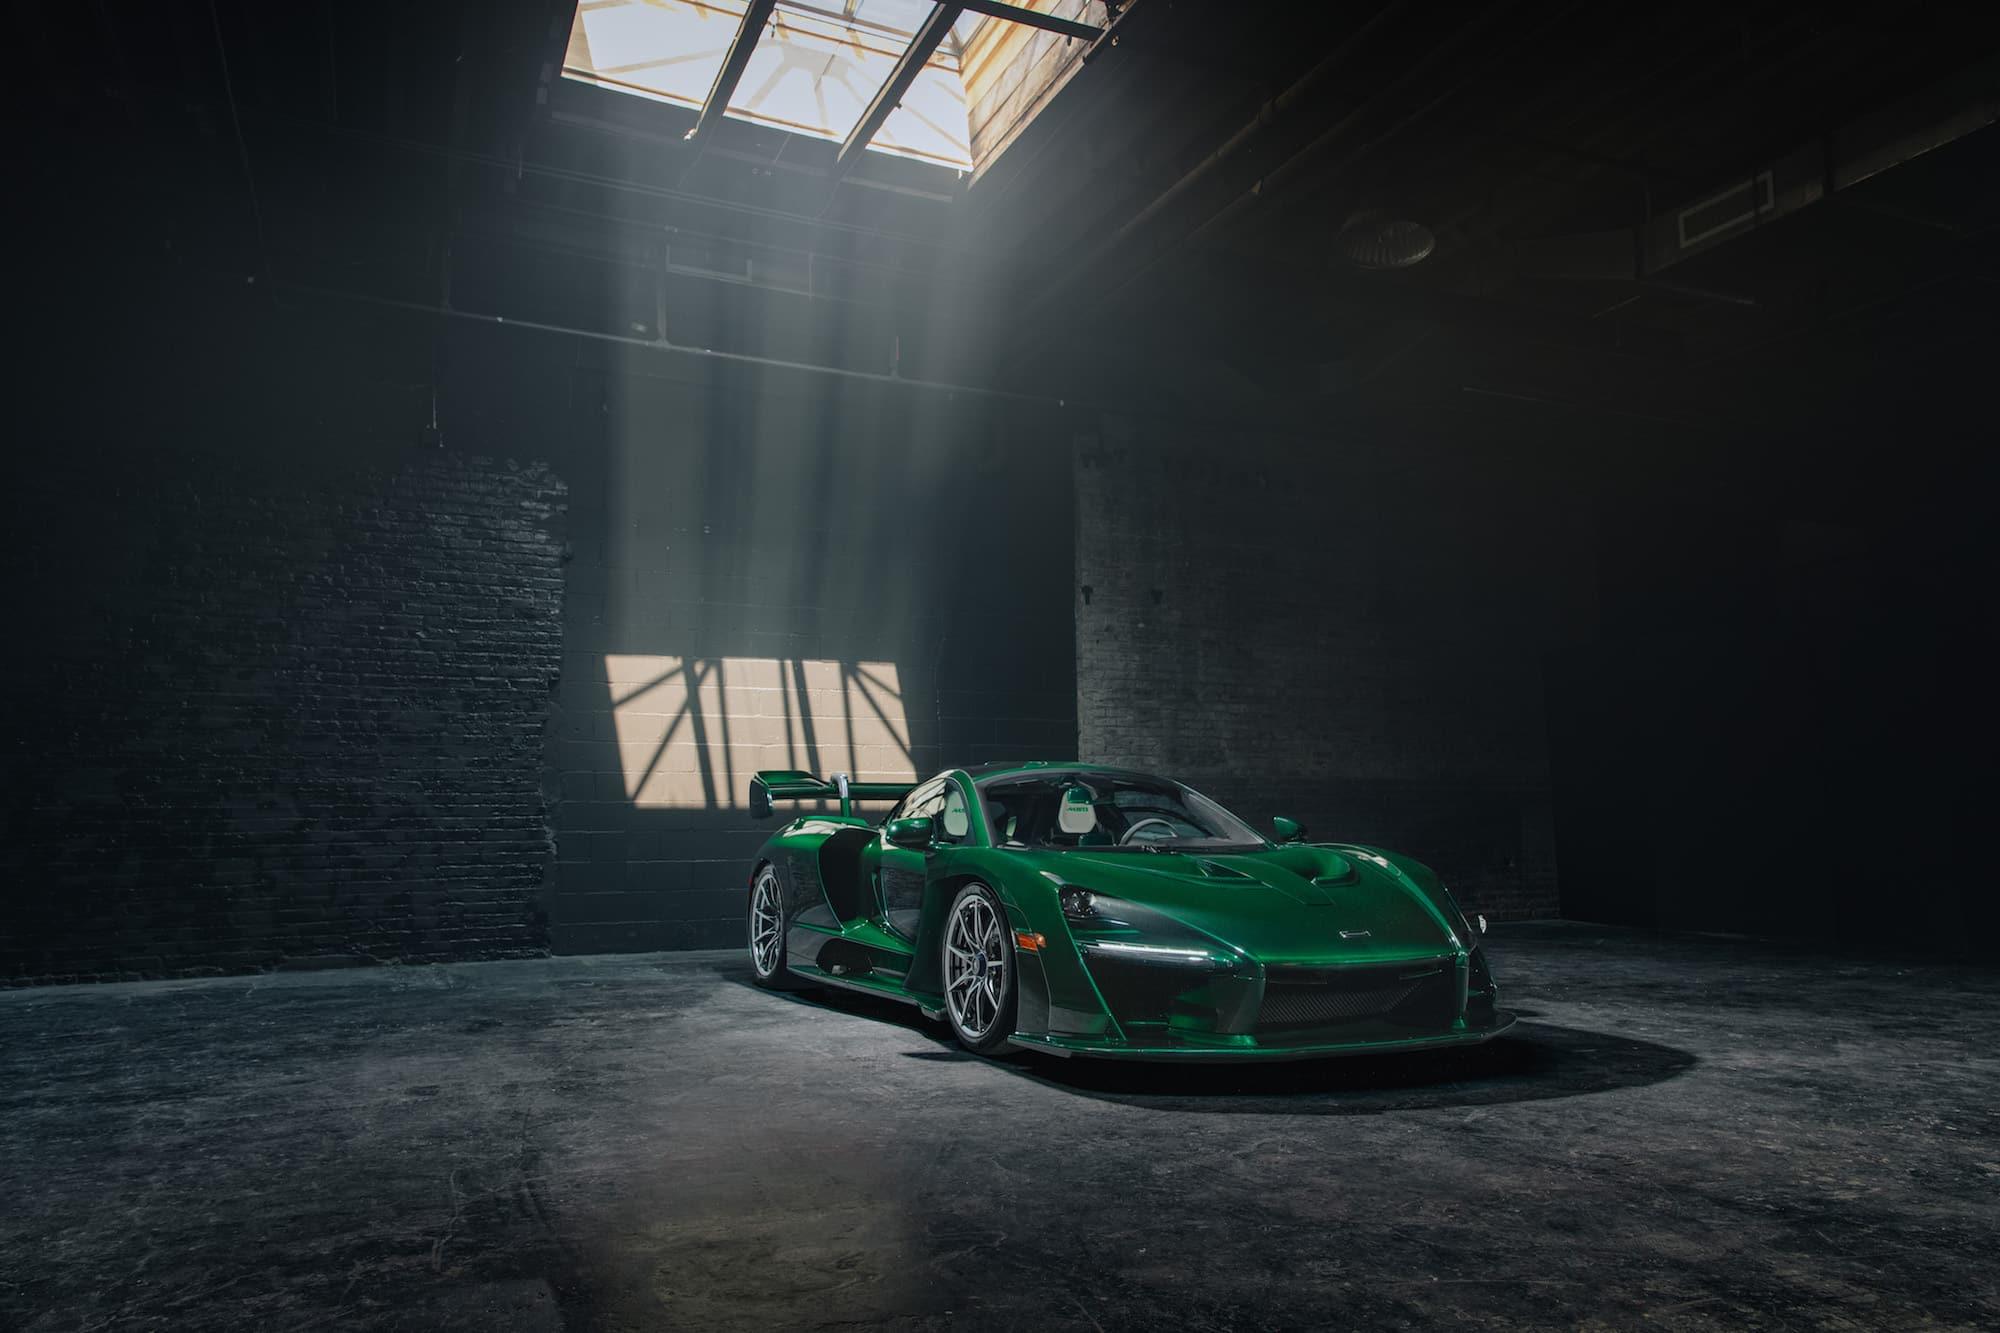 McLaren Senna Emerald Green featured